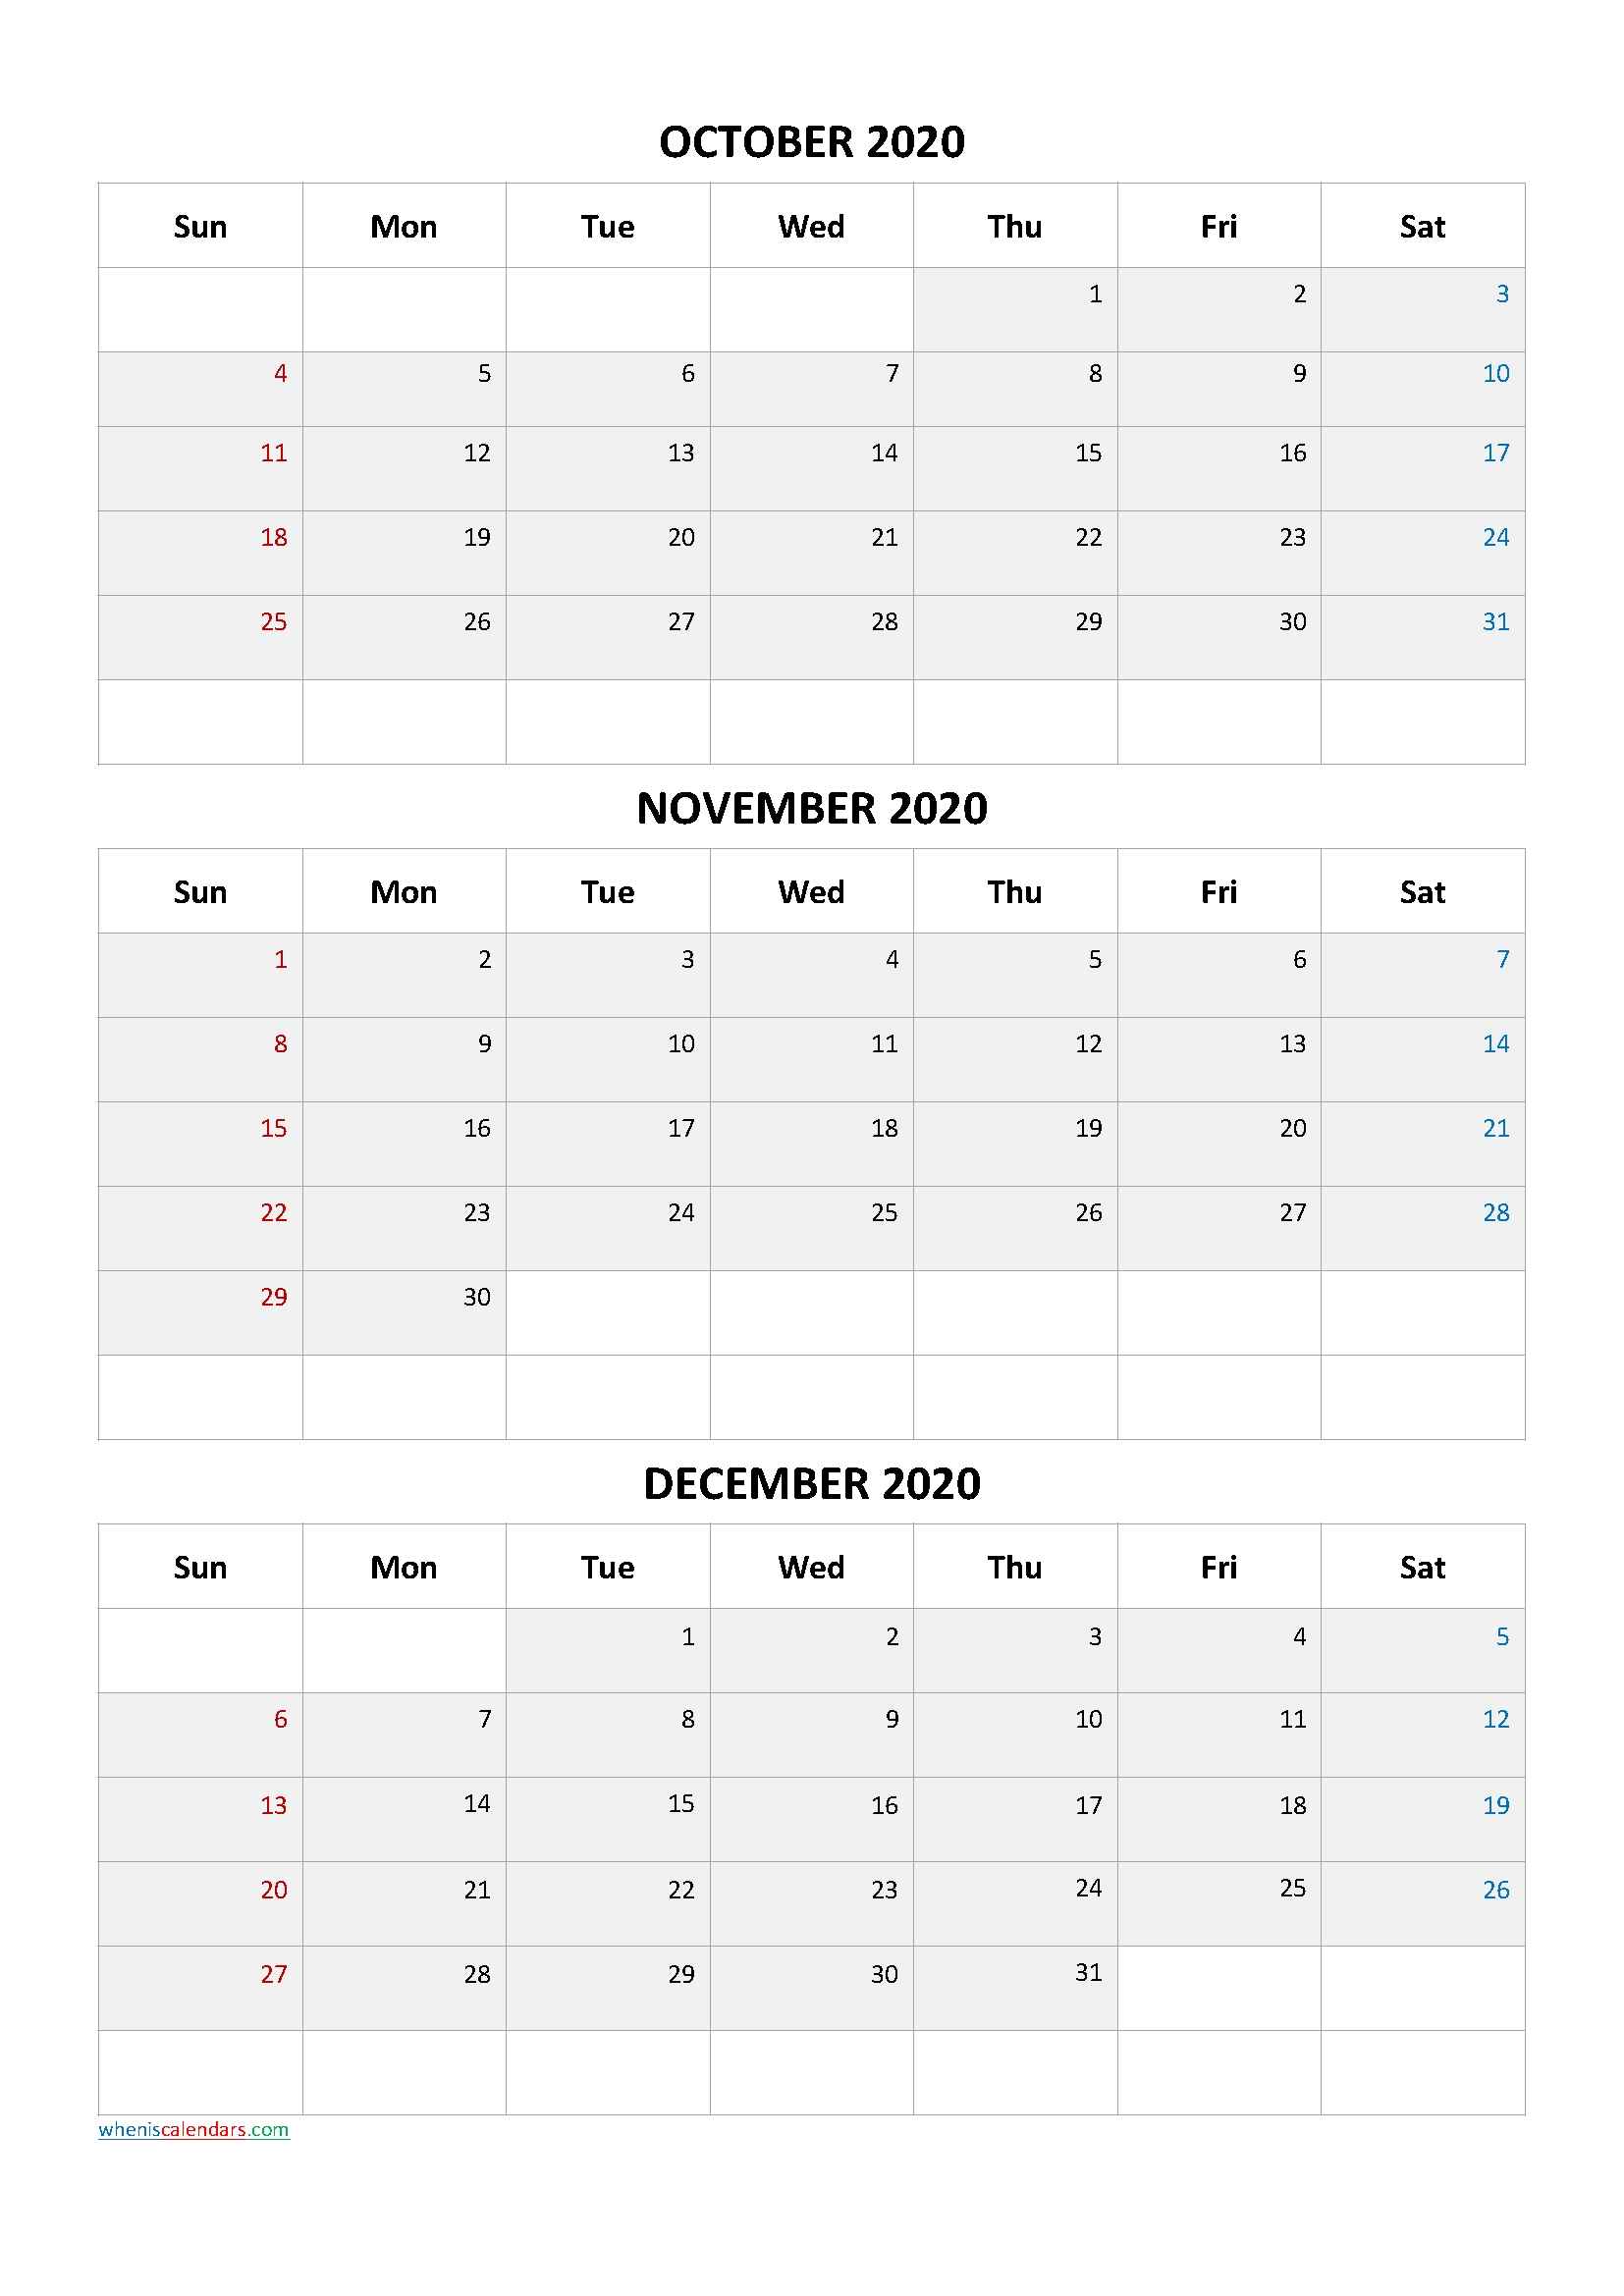 October November December 2020 Three Month Calendar-20Ca6 - Free Printable 2021 Monthly Calendar October November December 2021 Calendar